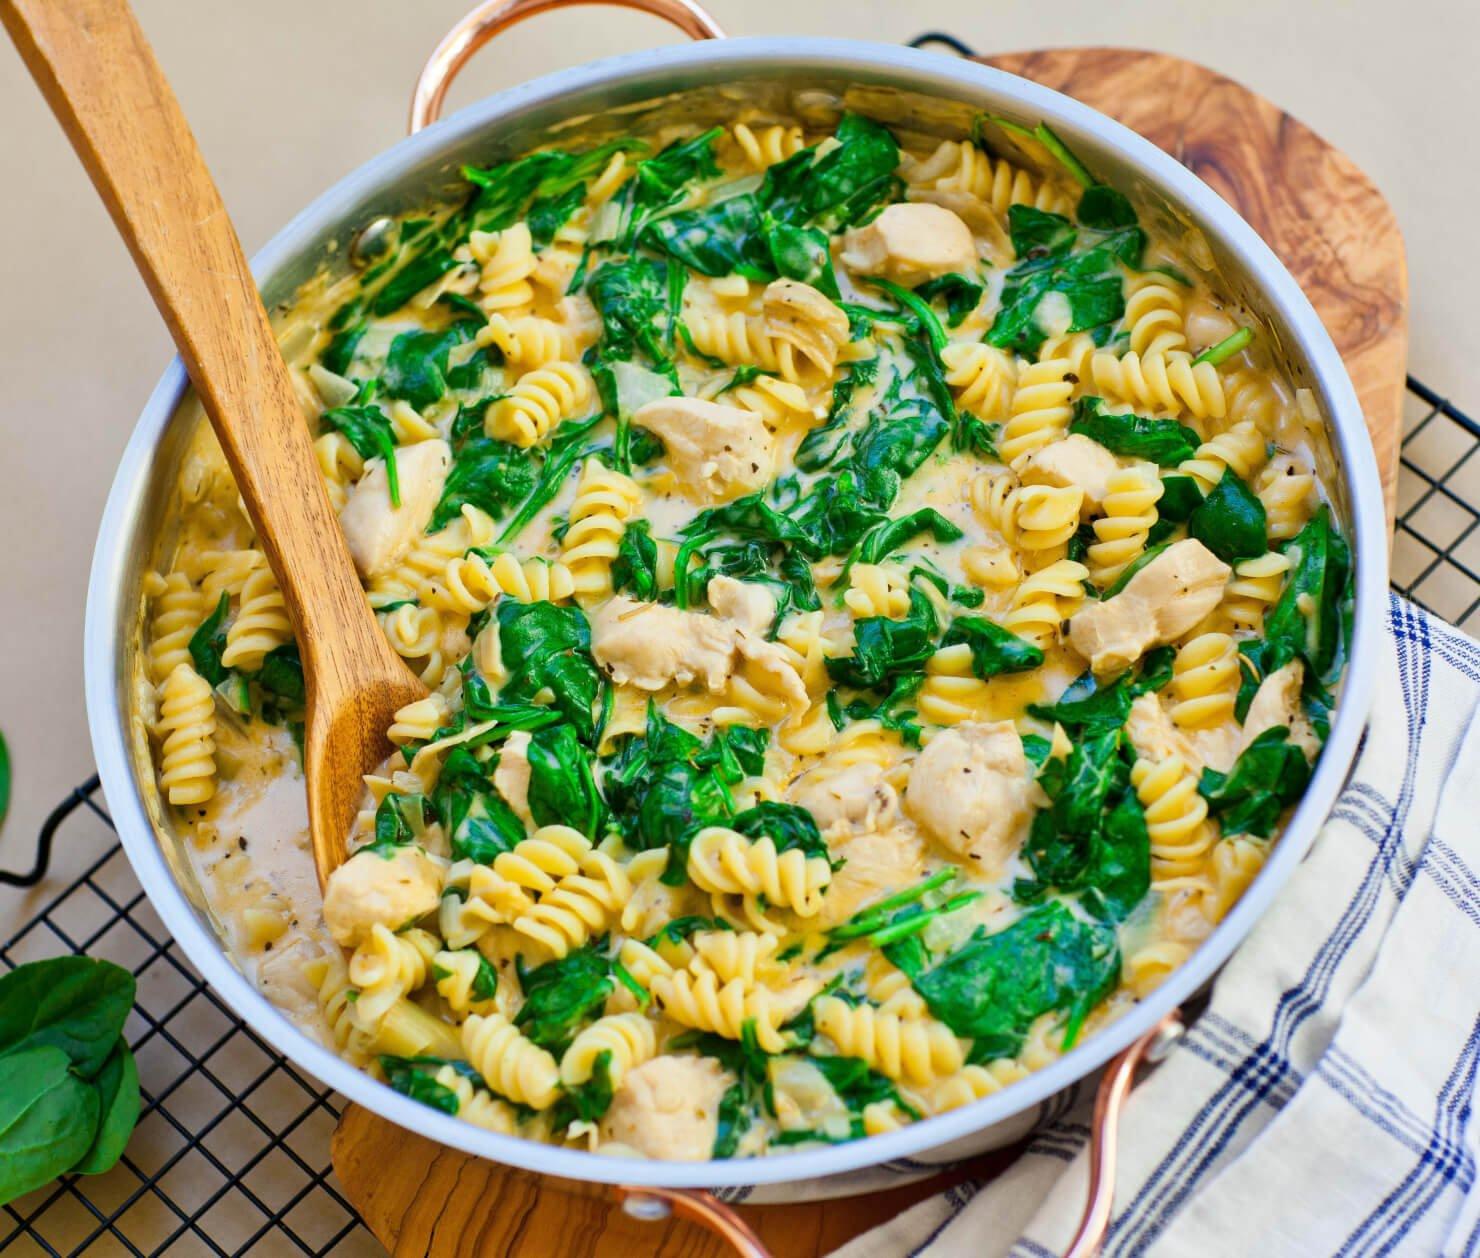 Spinach Artichoke Dip Chicken Pasta Skillet